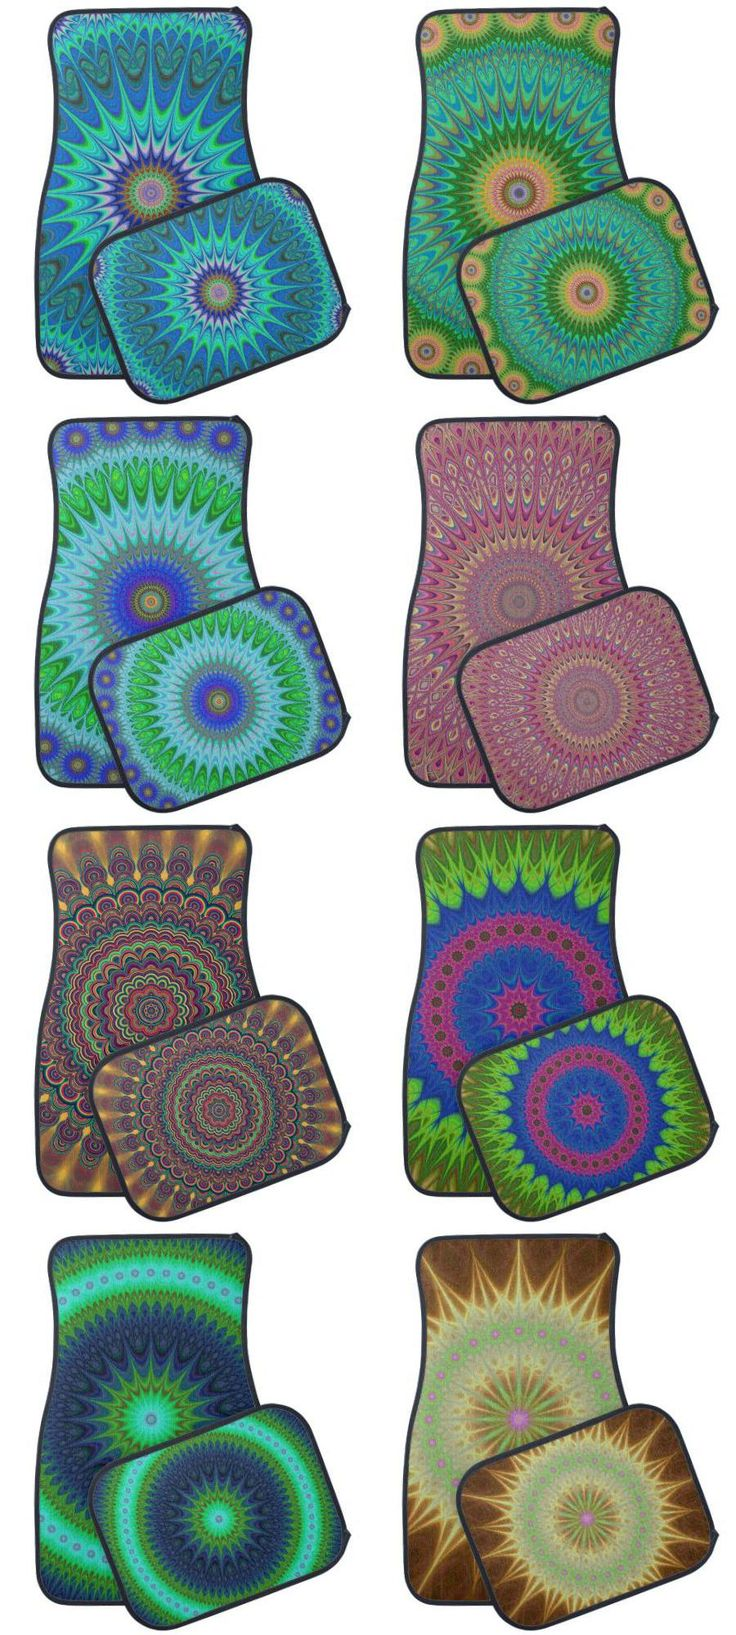 Floor mats dubai - Mandala Design Car Floor Mats Bohemian Car Decoration